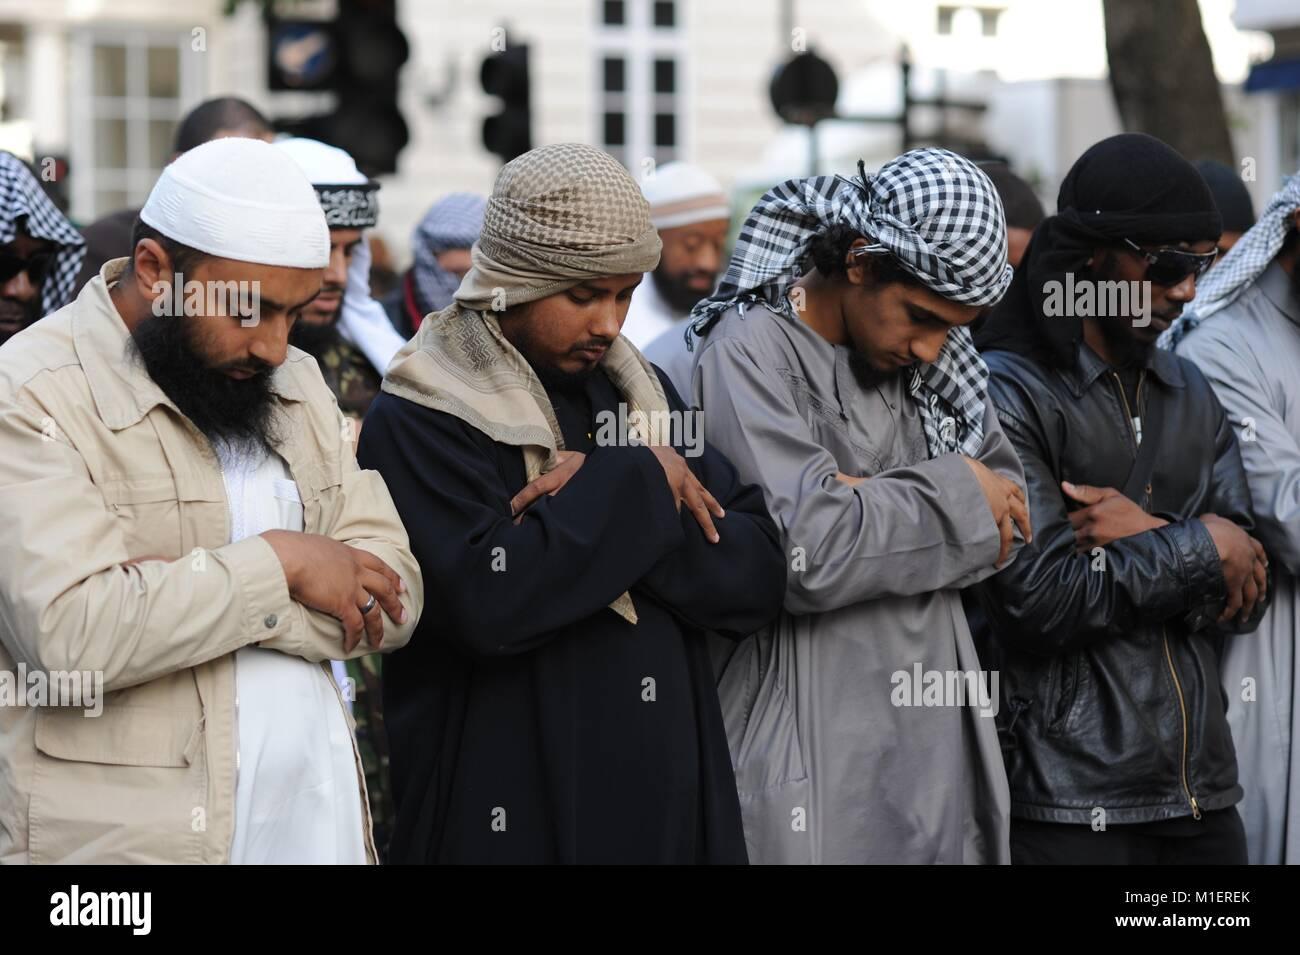 Muslim Protestors - Stock Image